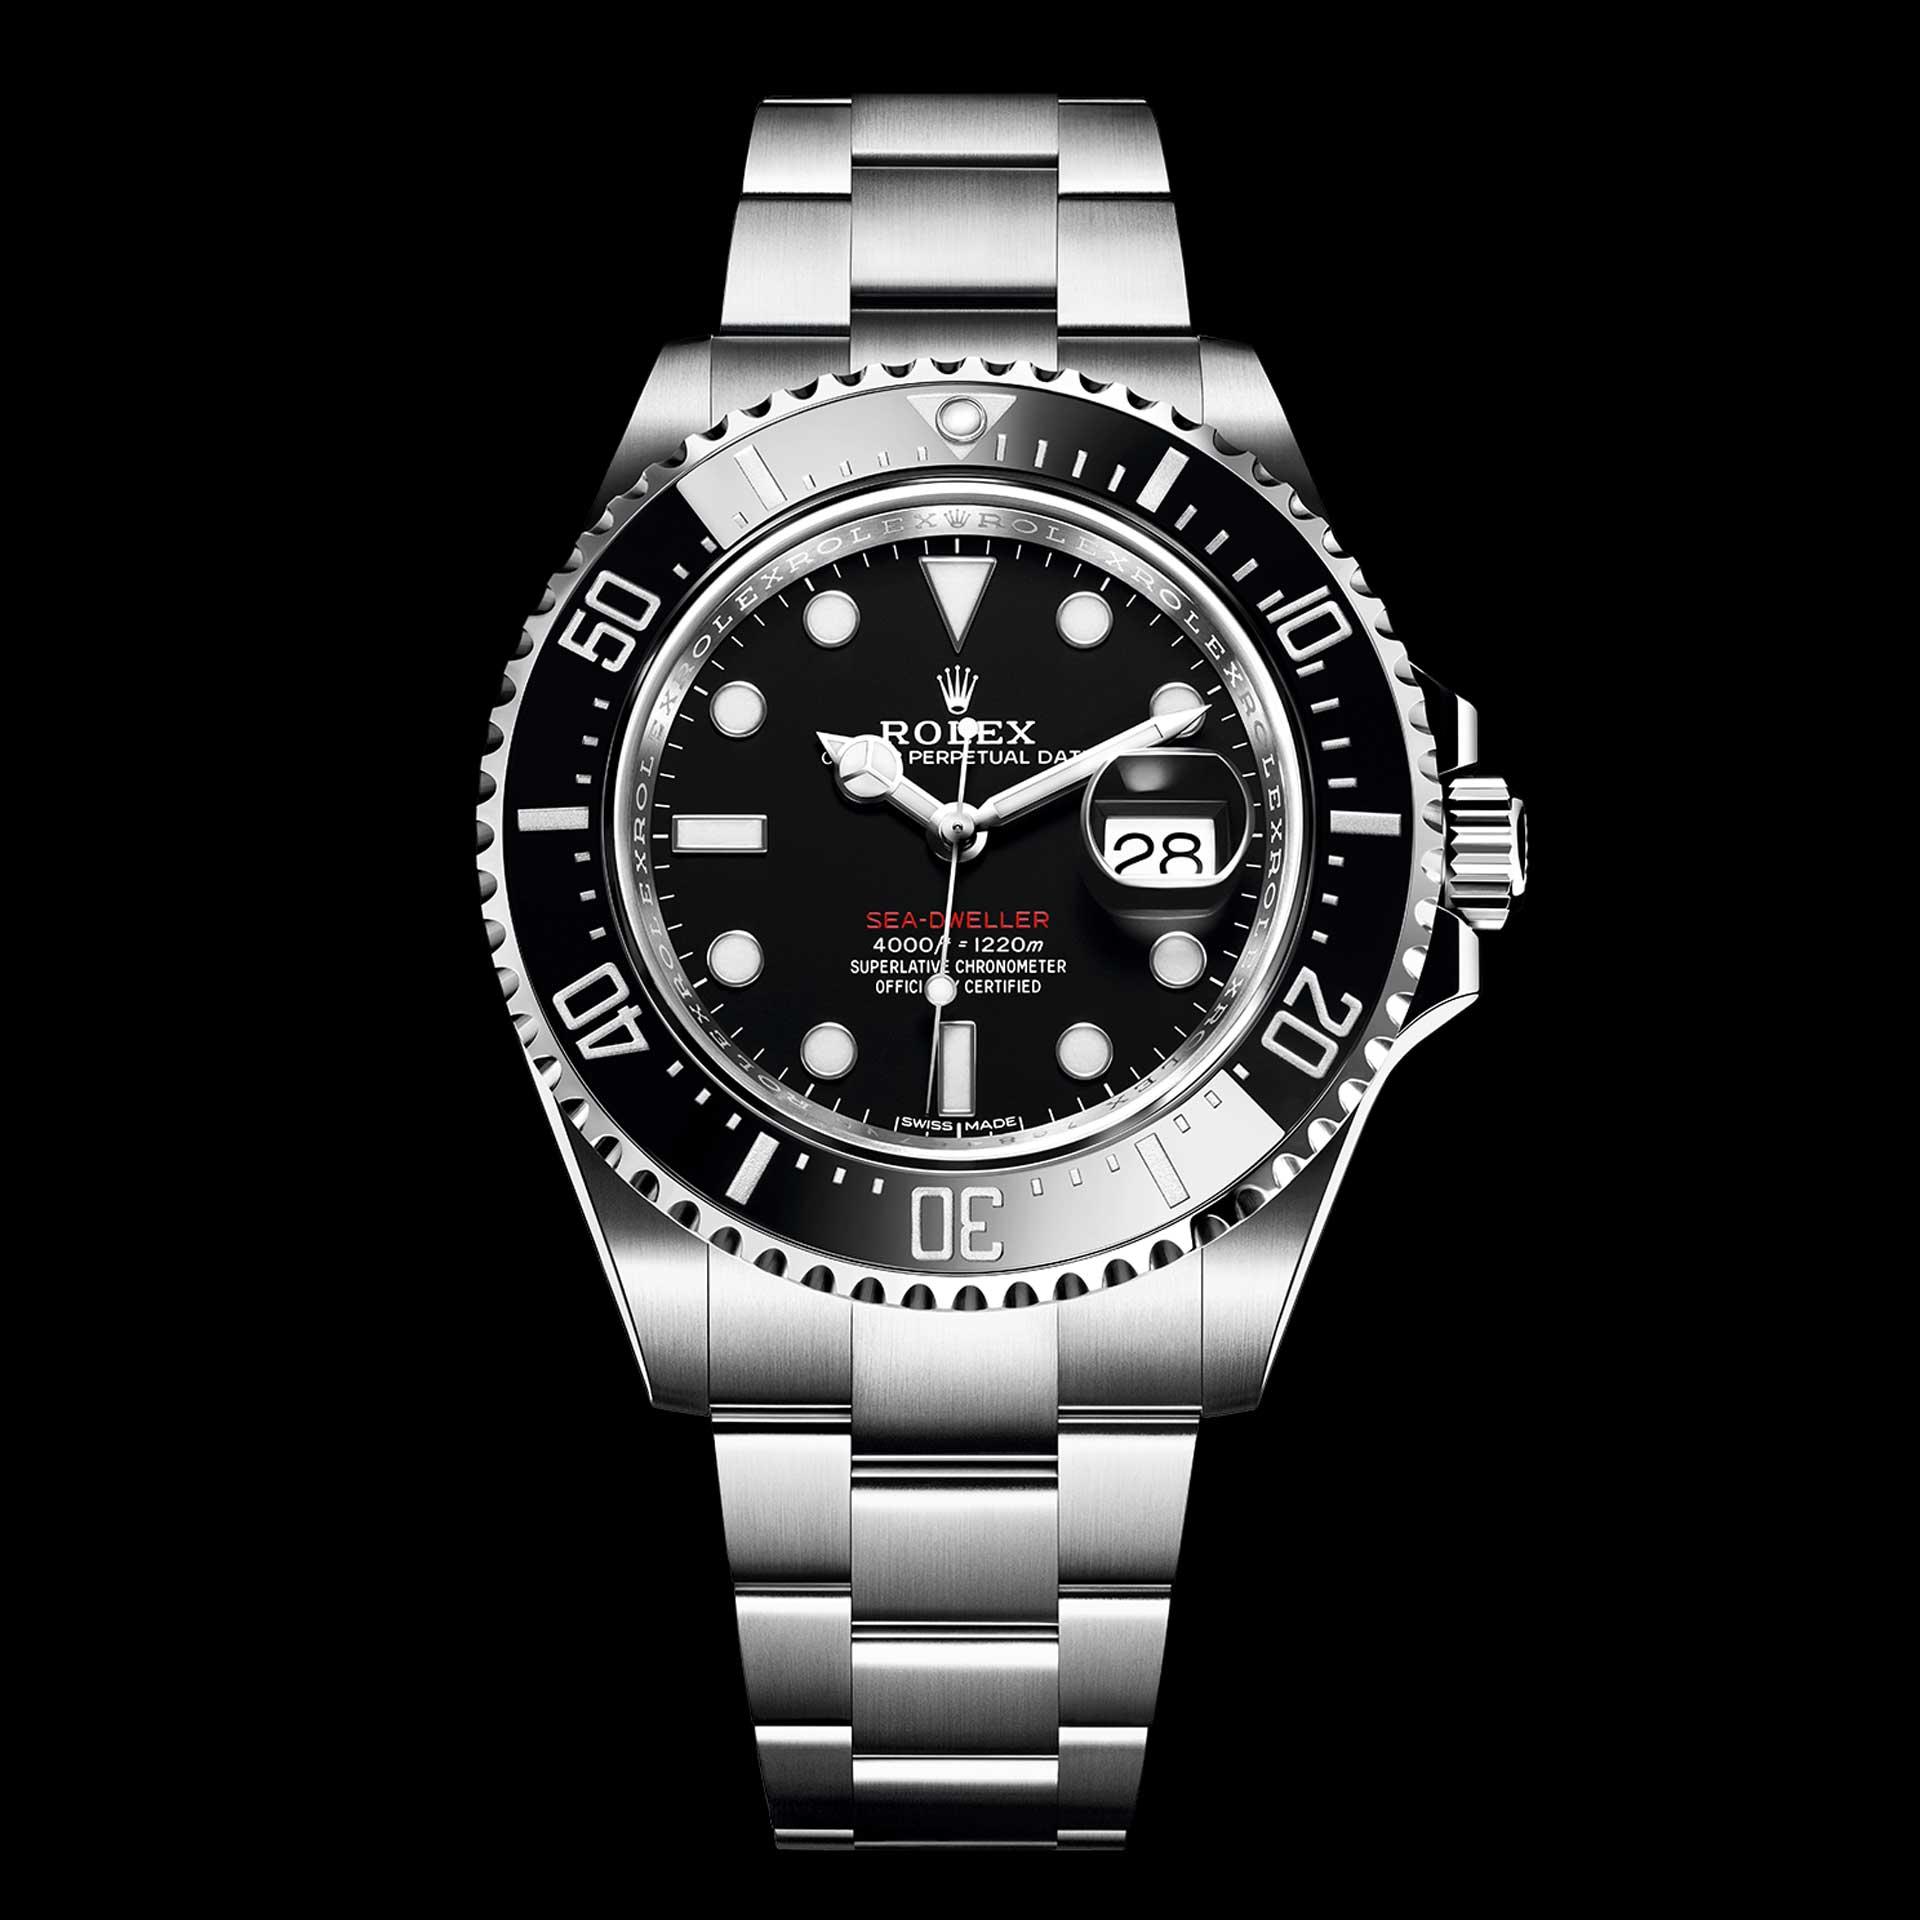 Cái tên đồng hồ Rolex Sea-Dweller được mã hóa như thế nào?